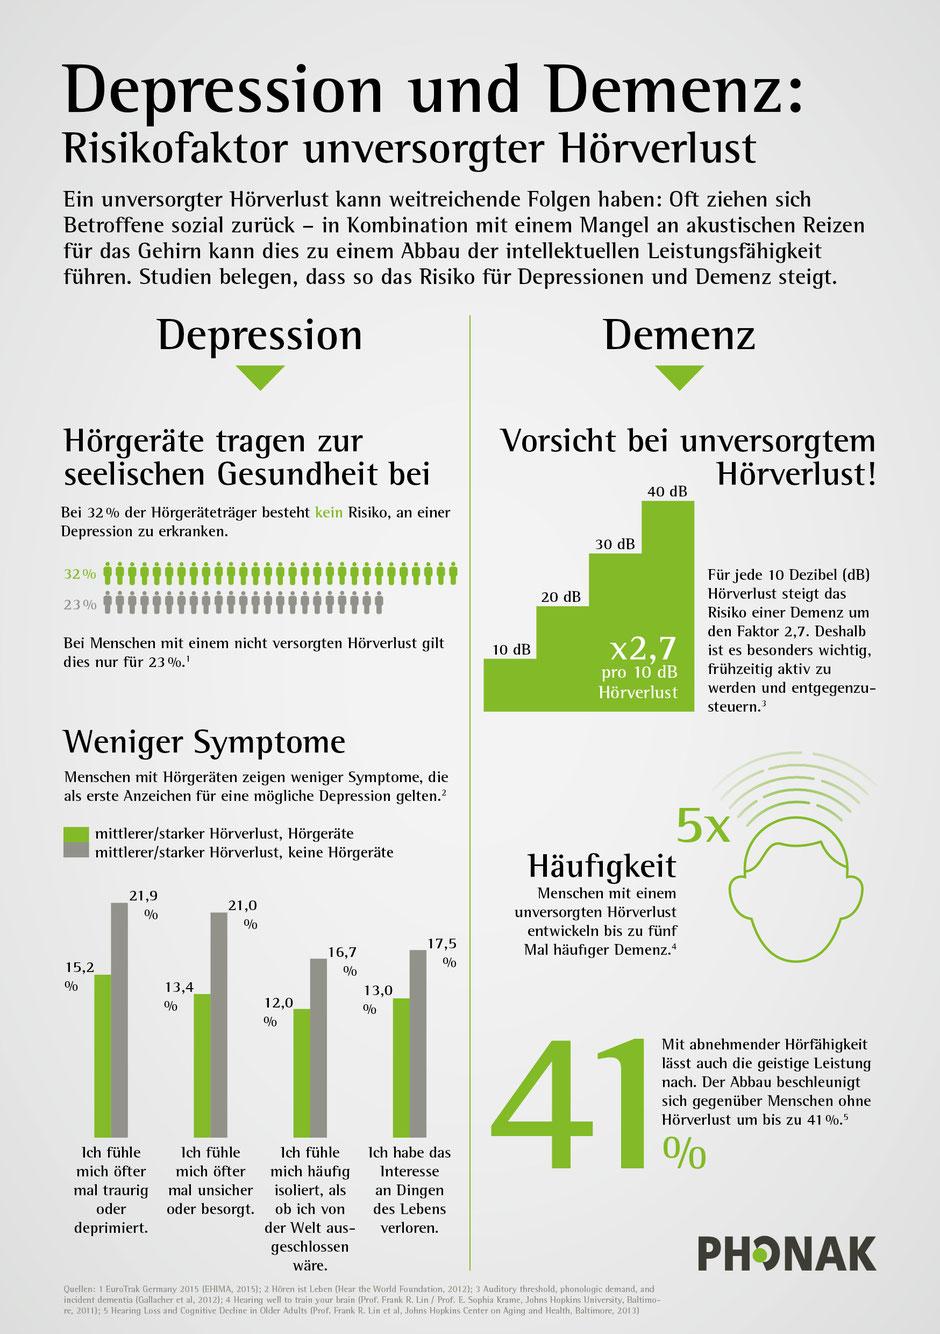 Hörverlust und Demenz. Hörzentrum Offenbecher in Crailsheim klärt auf.